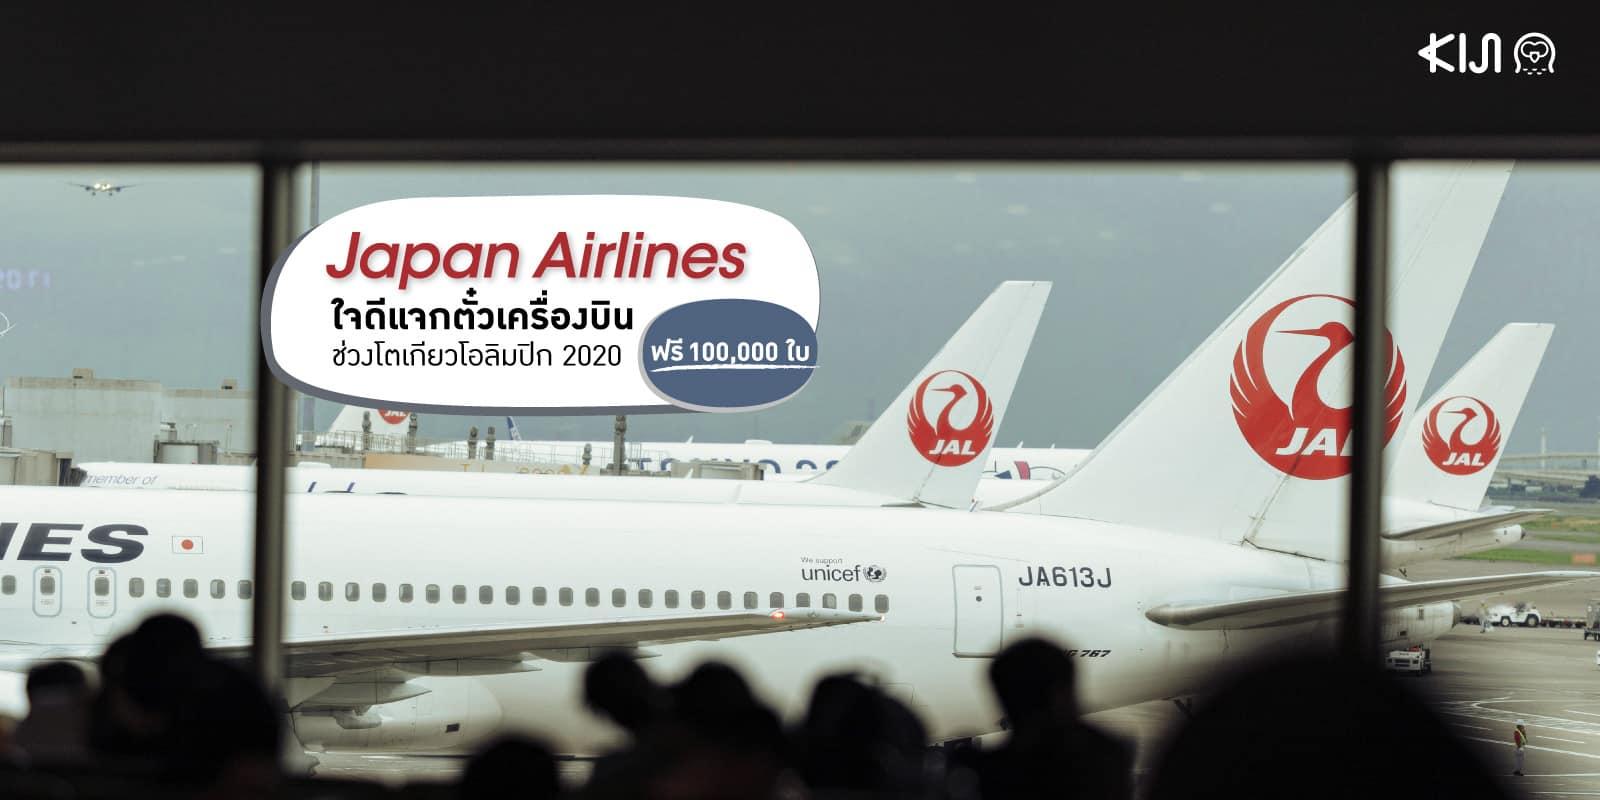 เจแปนแอร์ไลน์ แจกตั๋ว เครื่องบิน โตเกียวโอลิมปิก 2020